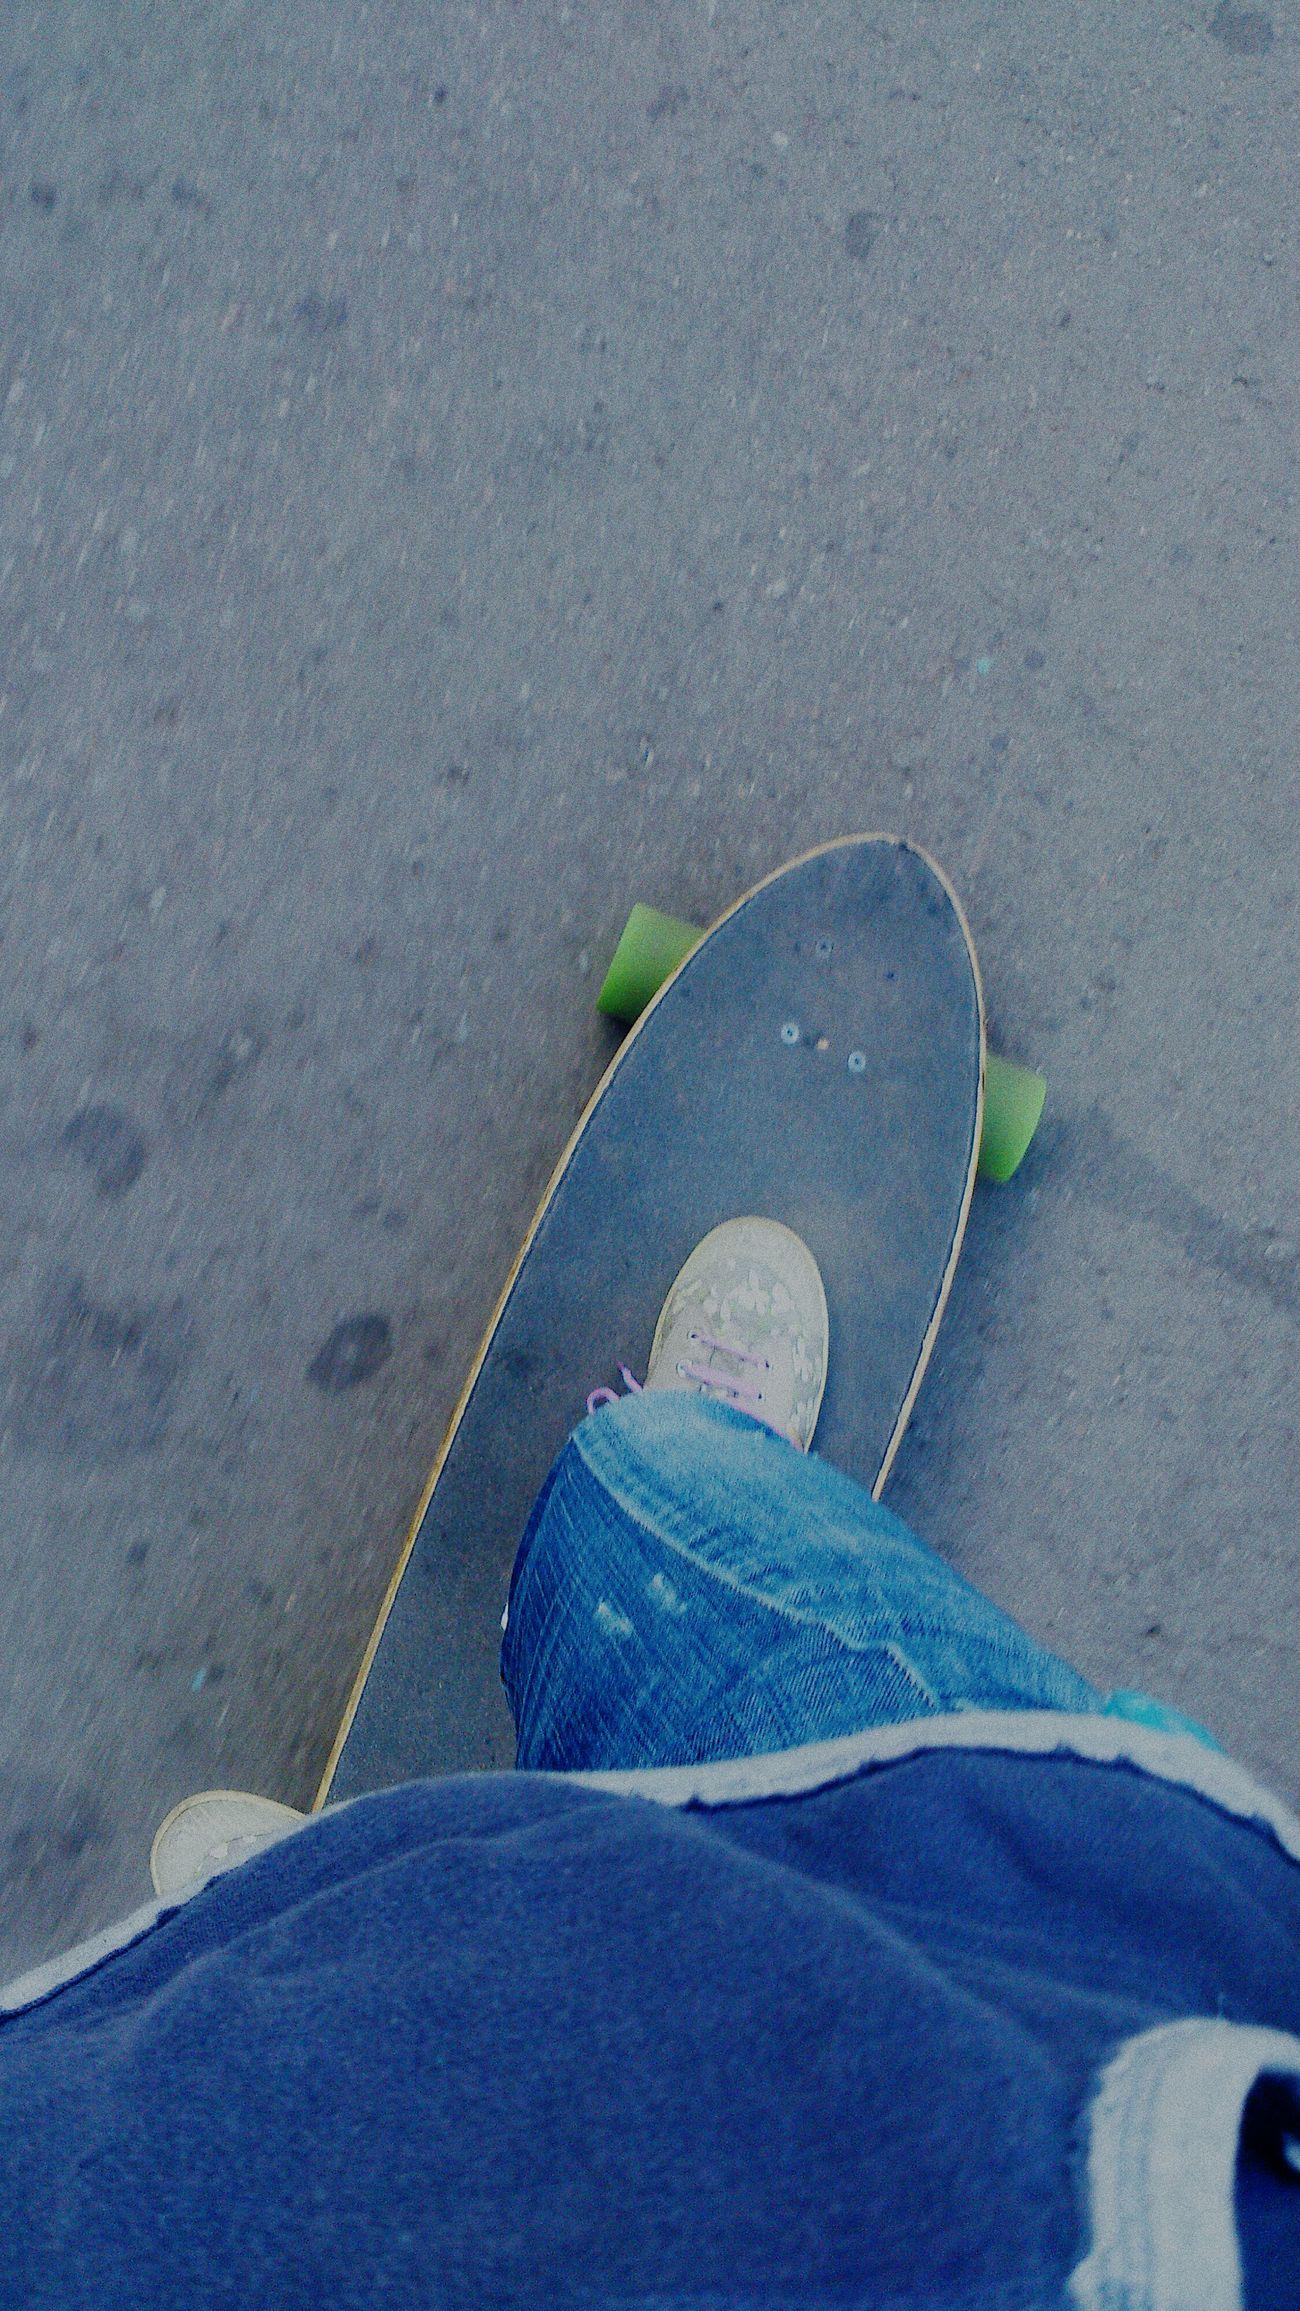 скейт наскейте доска ВДНХ август